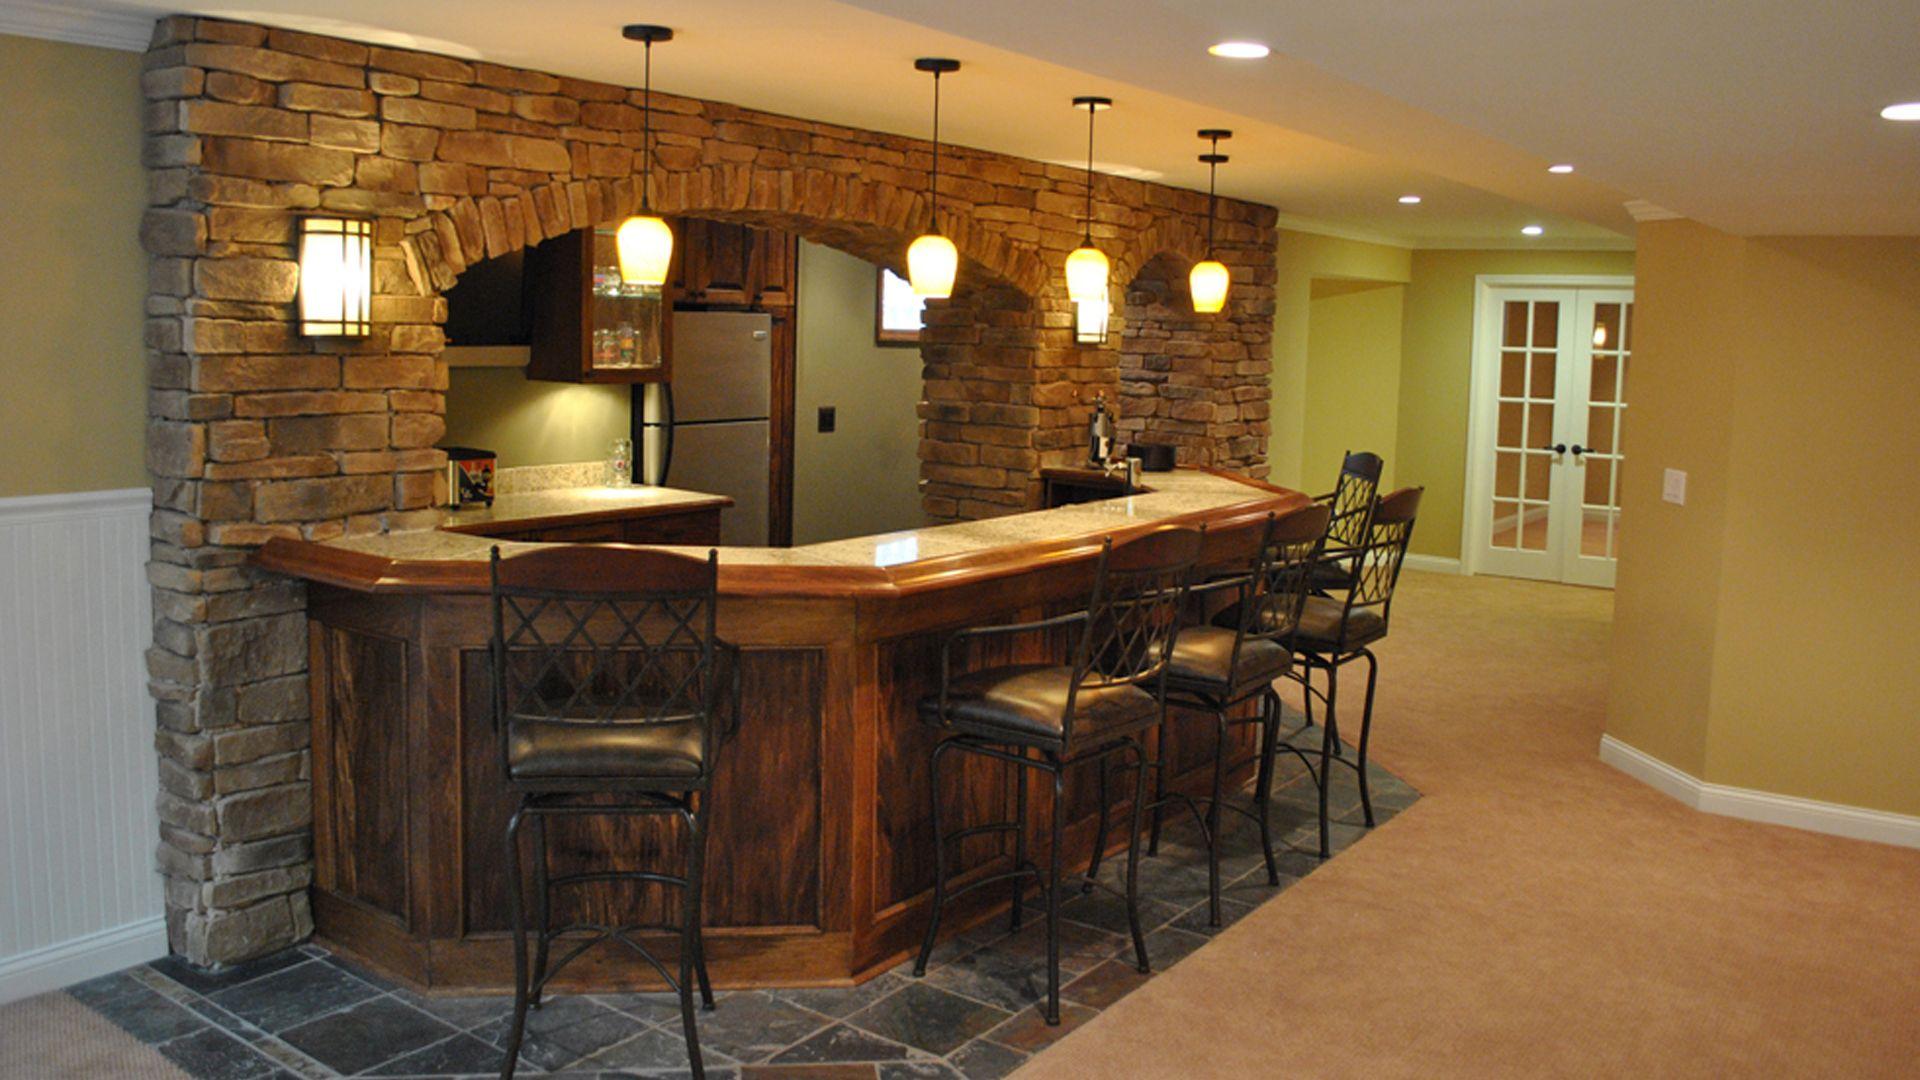 Rustic Stone Bar Area (Design By Wethington Design Build Cincinnati)